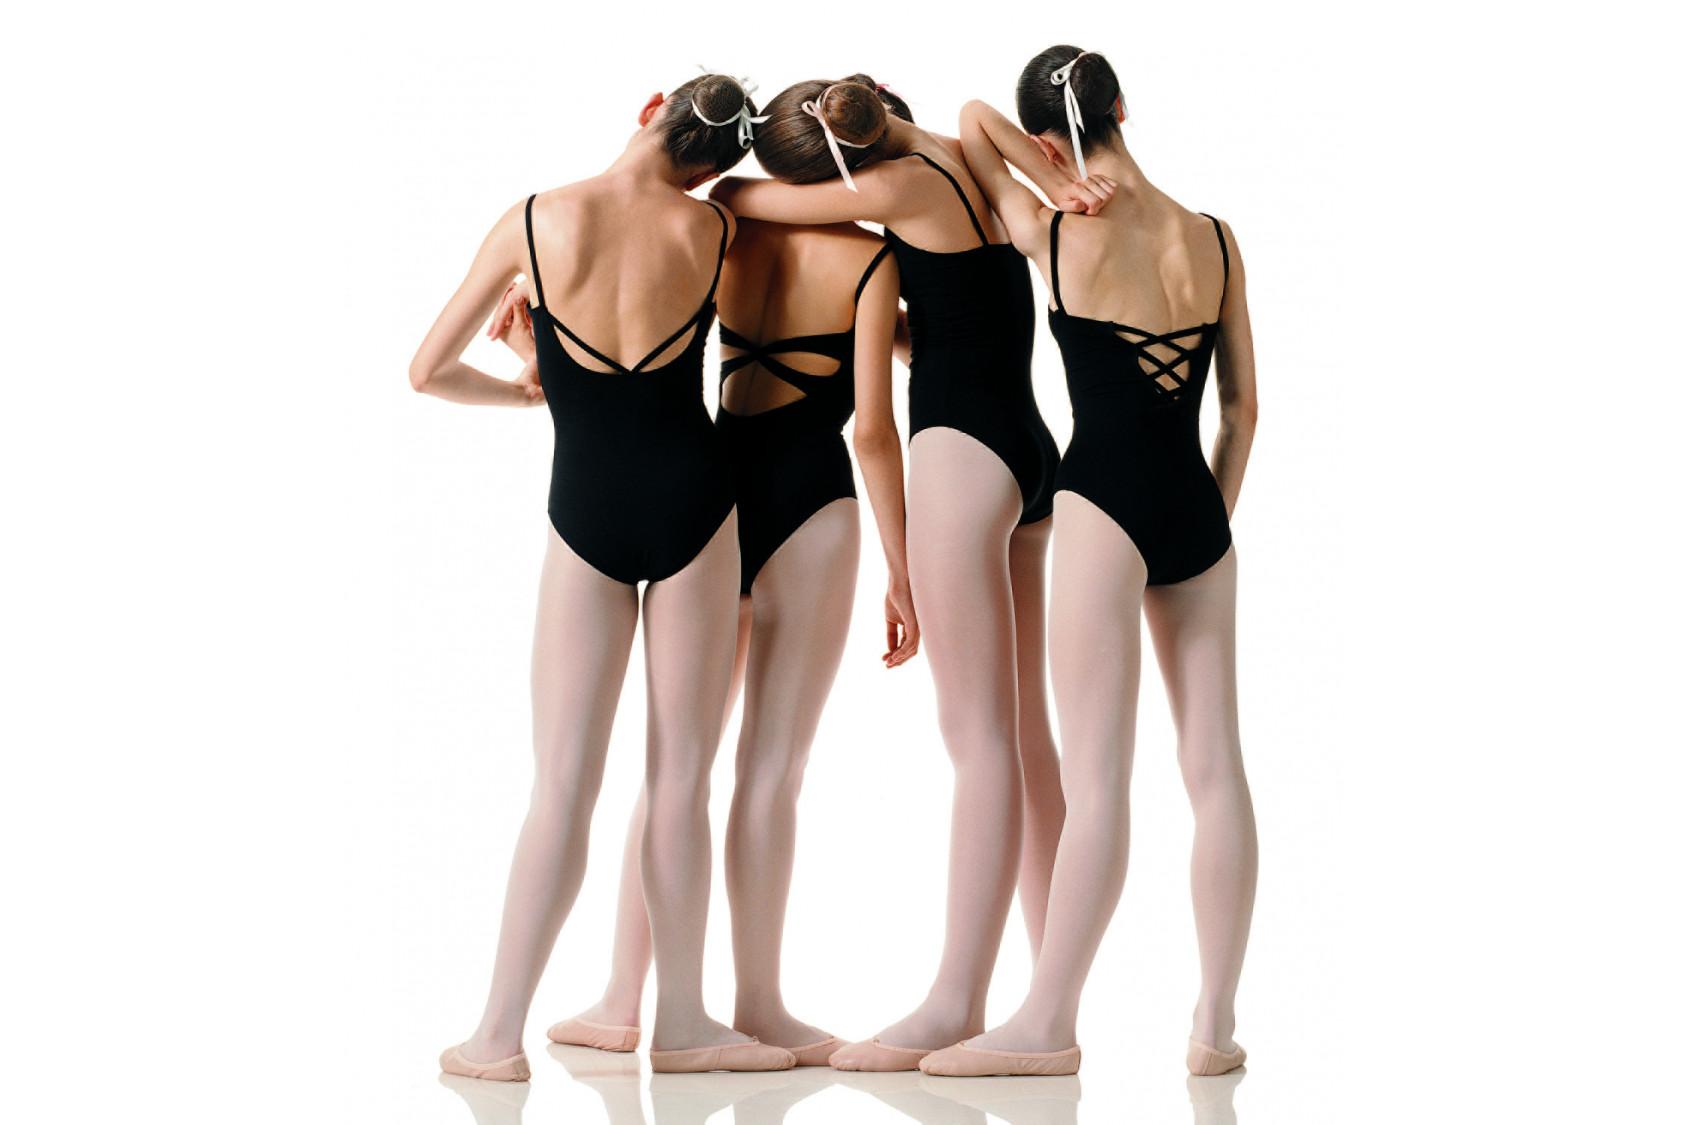 Justaucorps et tuniques pour femme - Articles de danse classique